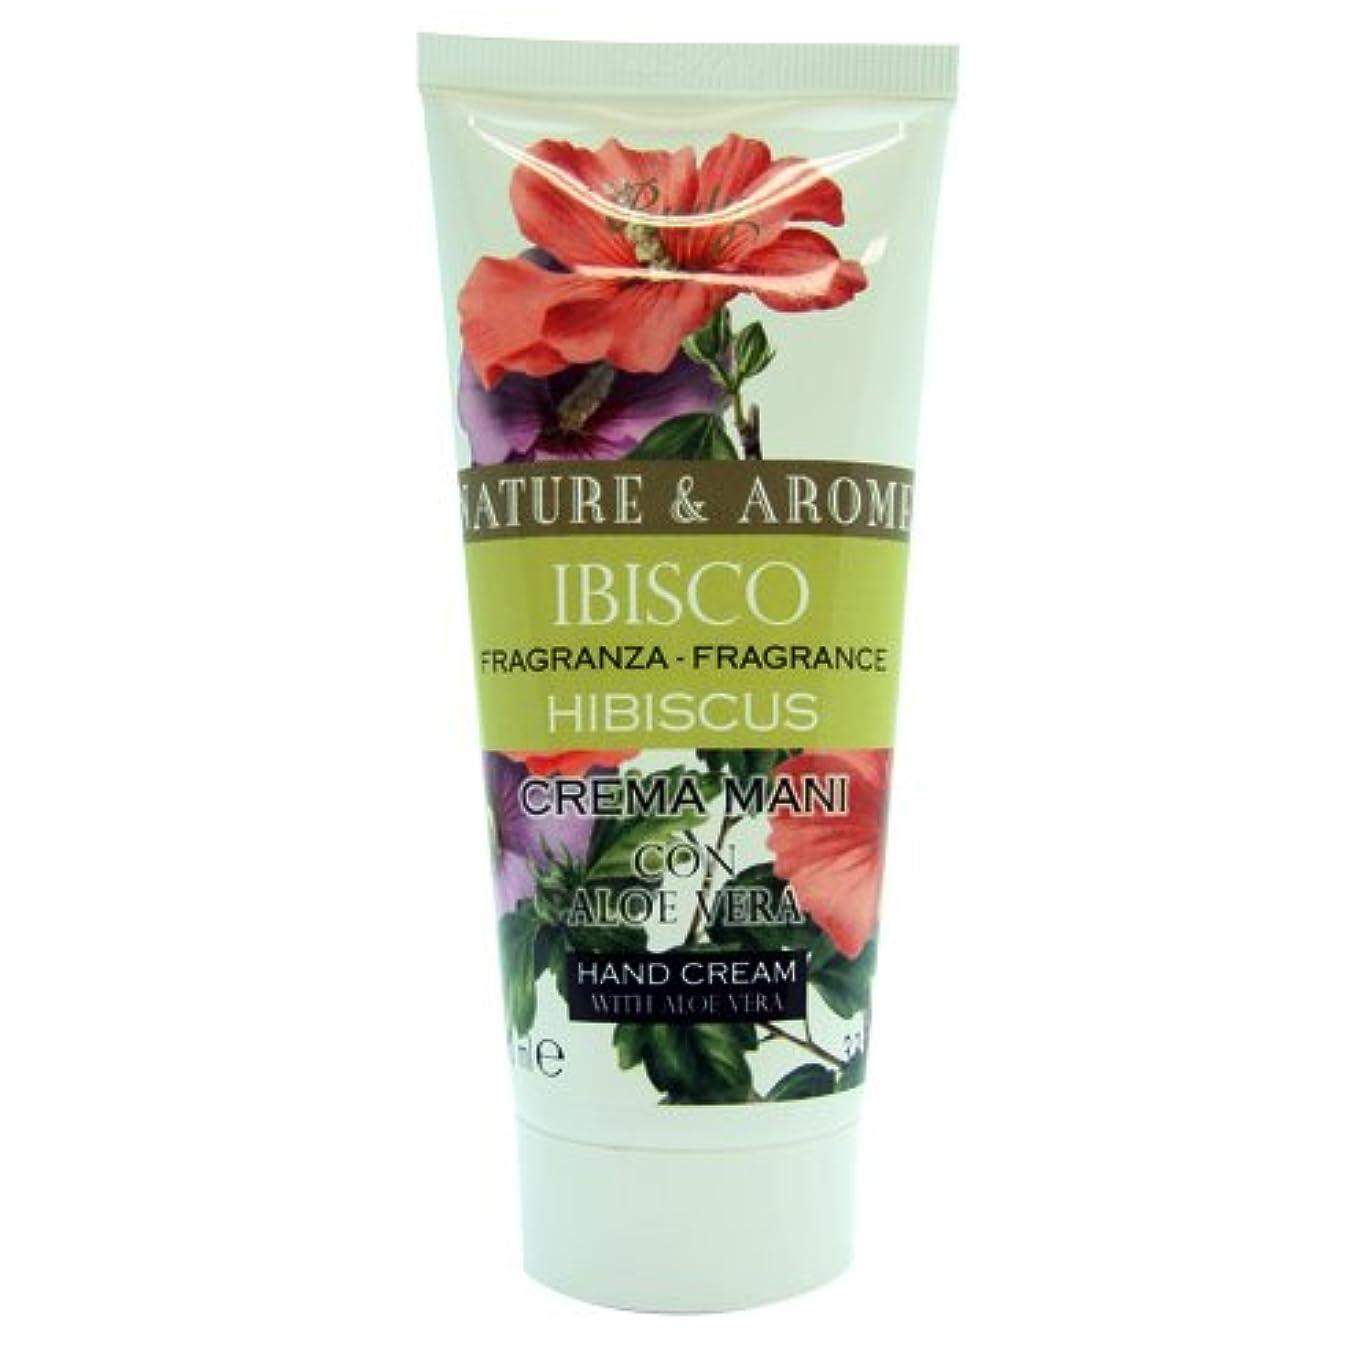 RUDY Nature&Arome SERIES ルディ ナチュール&アロマ Hand Cream ハンドクリーム  Hibiscus ハイビスカス